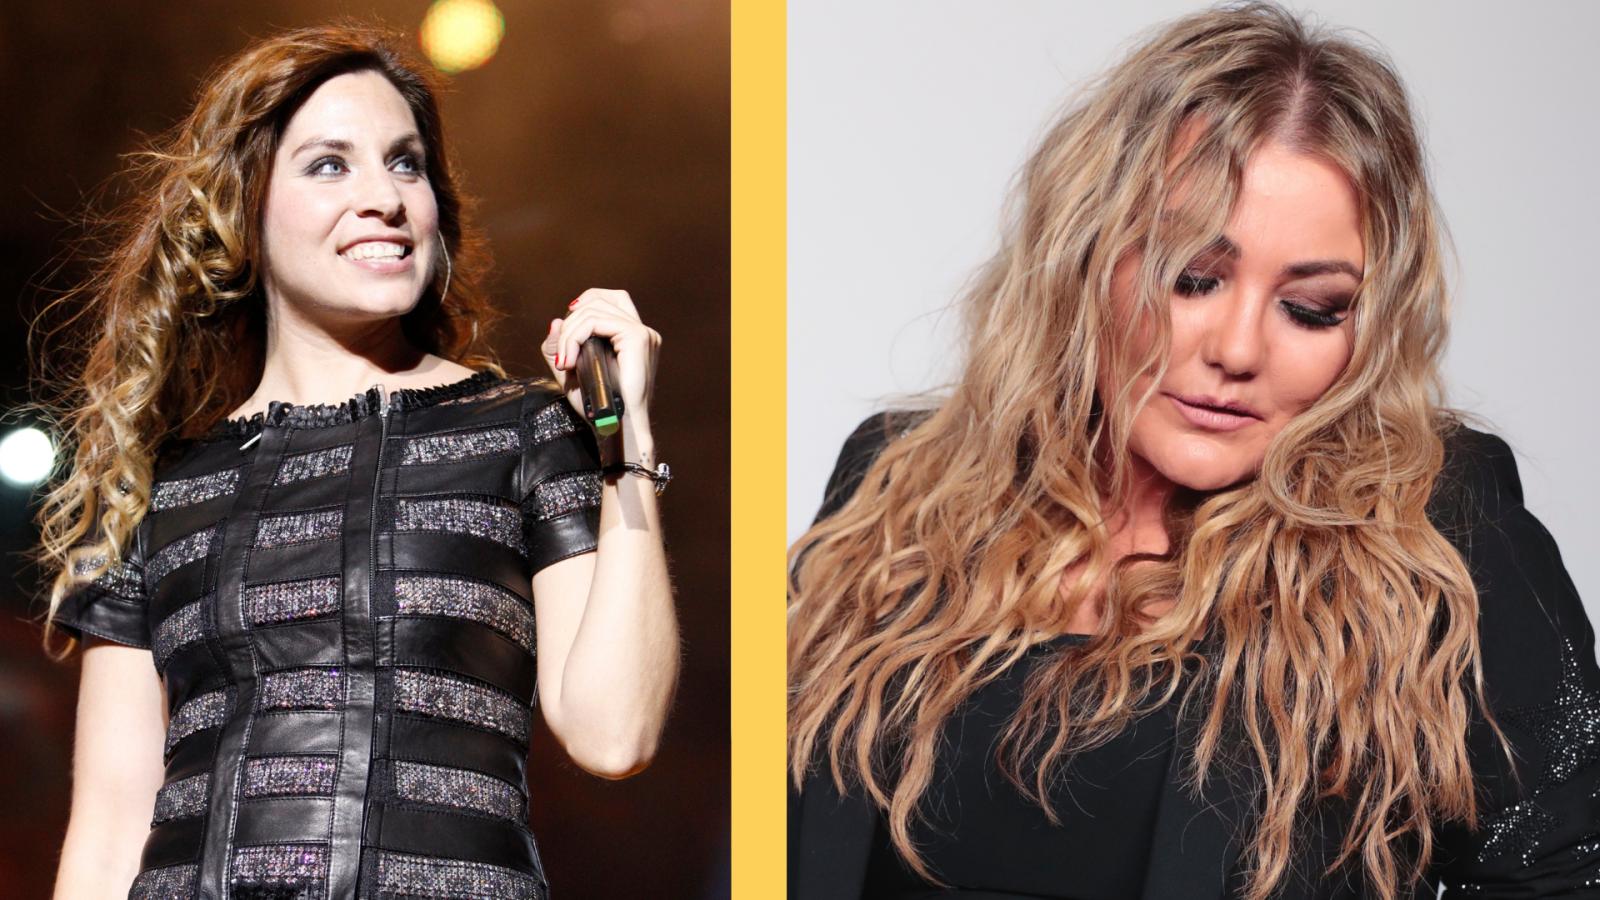 Corazón - El enfado de Amaia Montero y Leire Martínez por culpa de unos discos